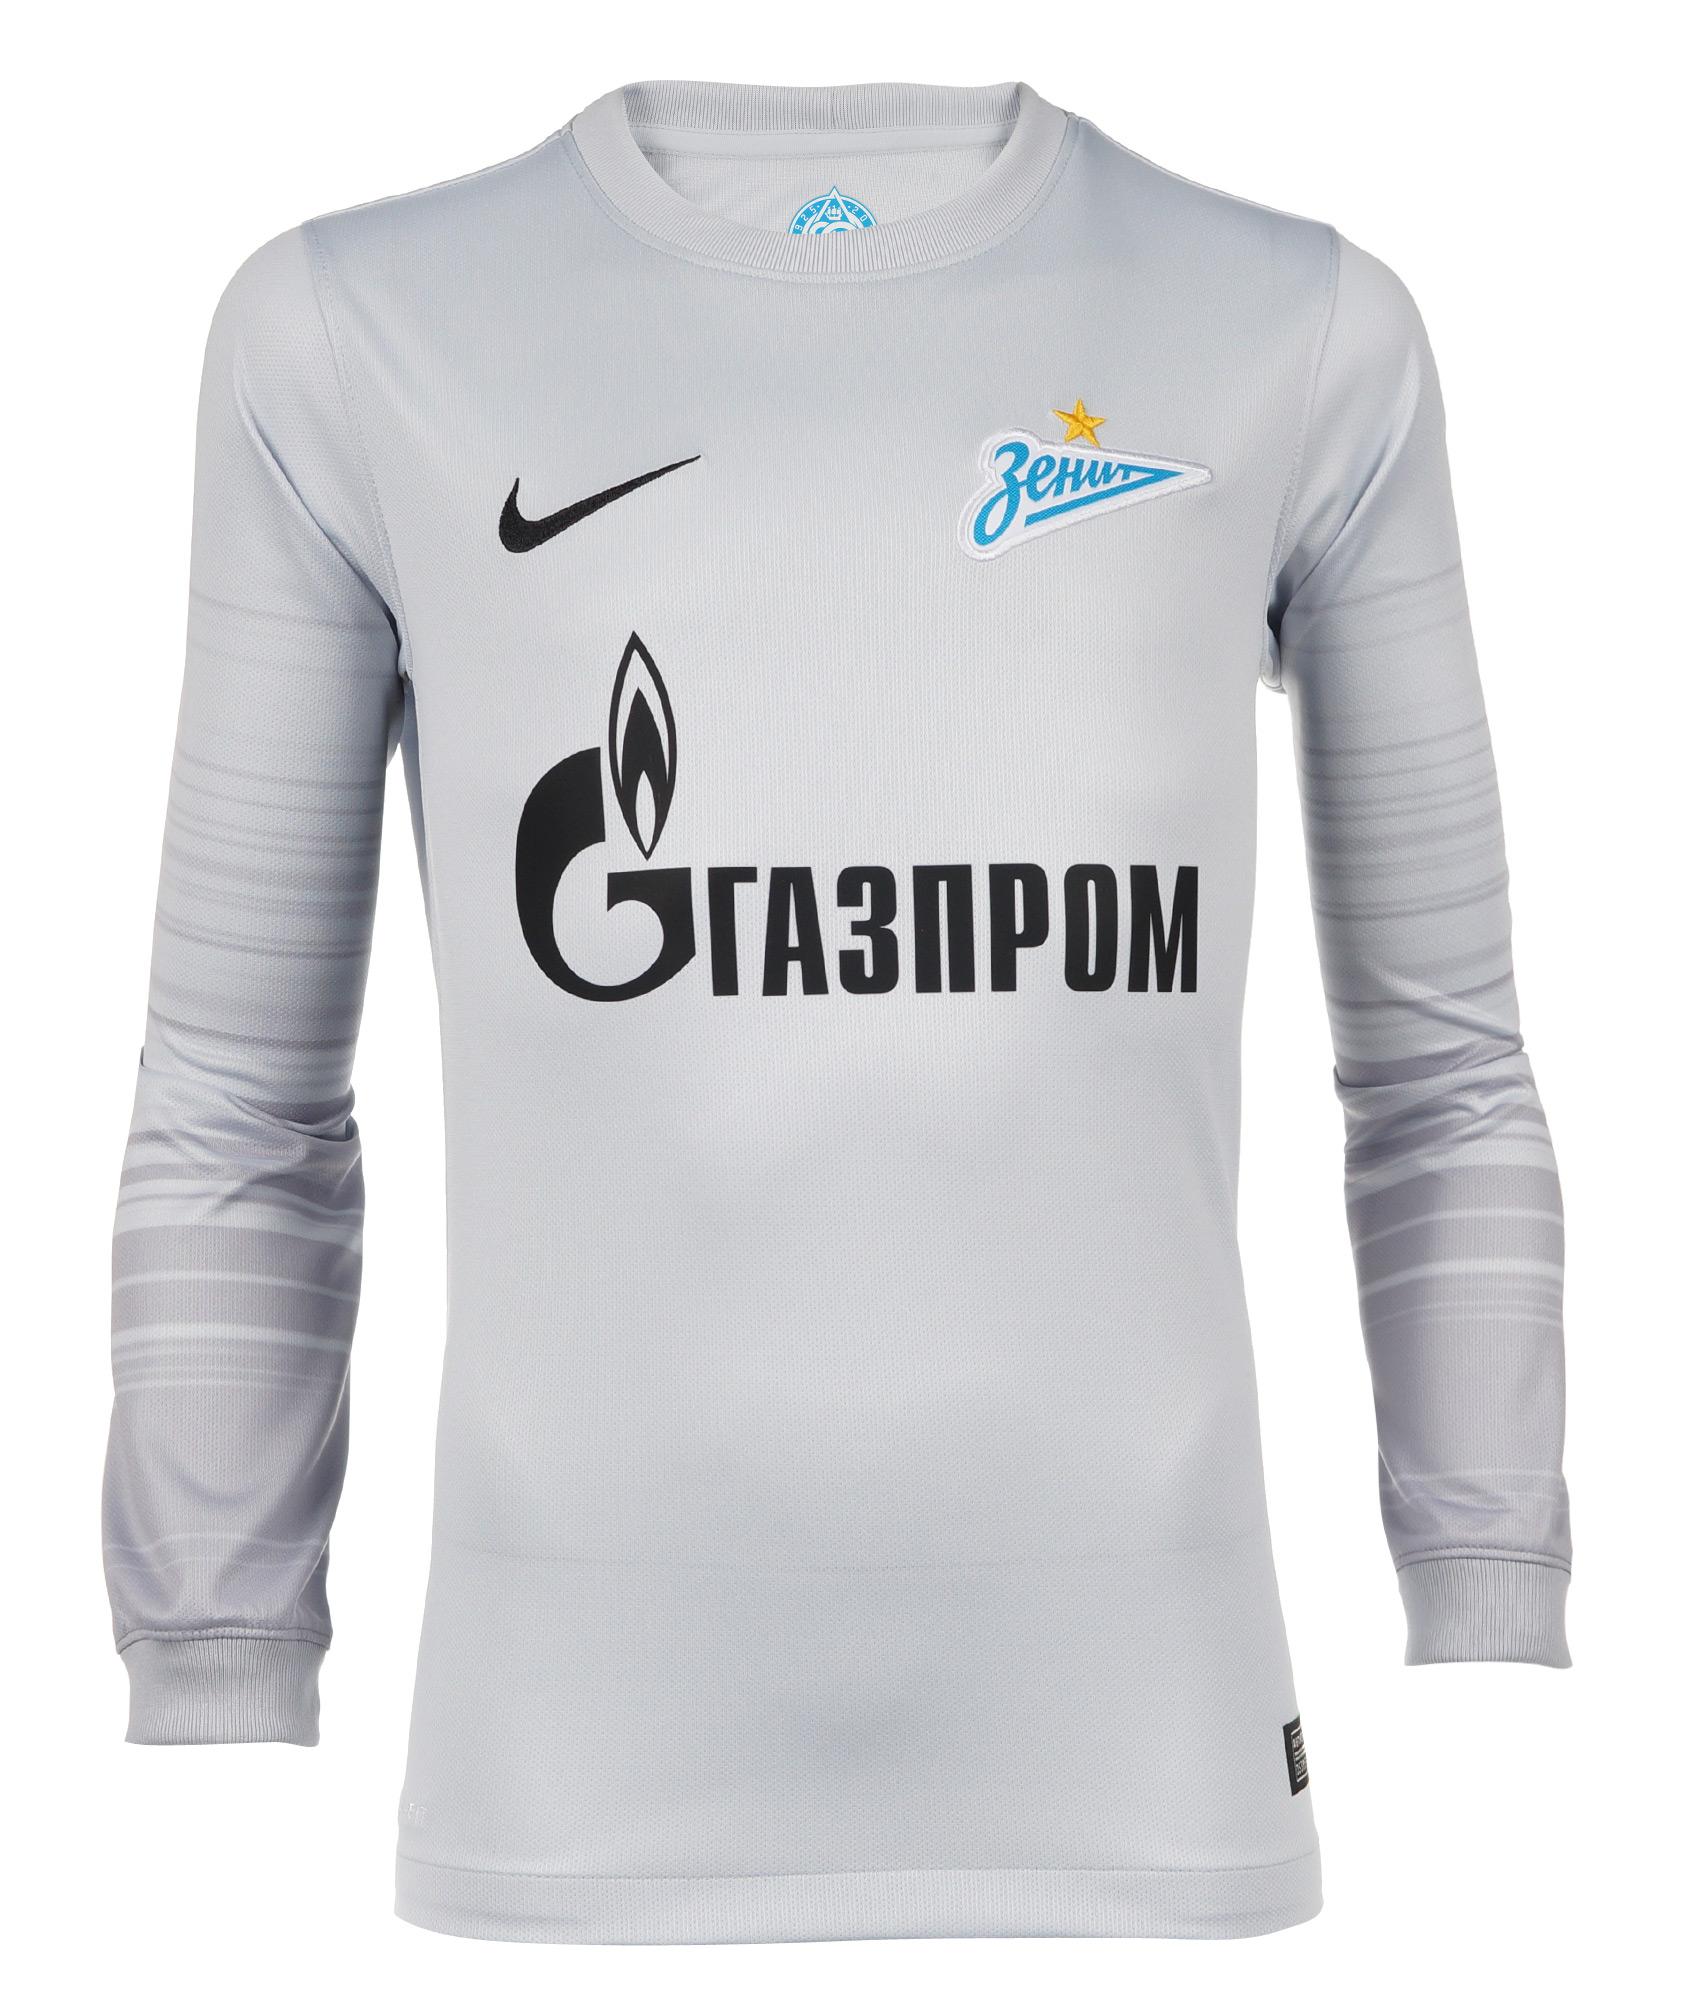 Вратарская подростковая футболка Nike Nike Цвет-Серый футболка вратарская подростковая сезона 2018 2019 nike цвет желтый